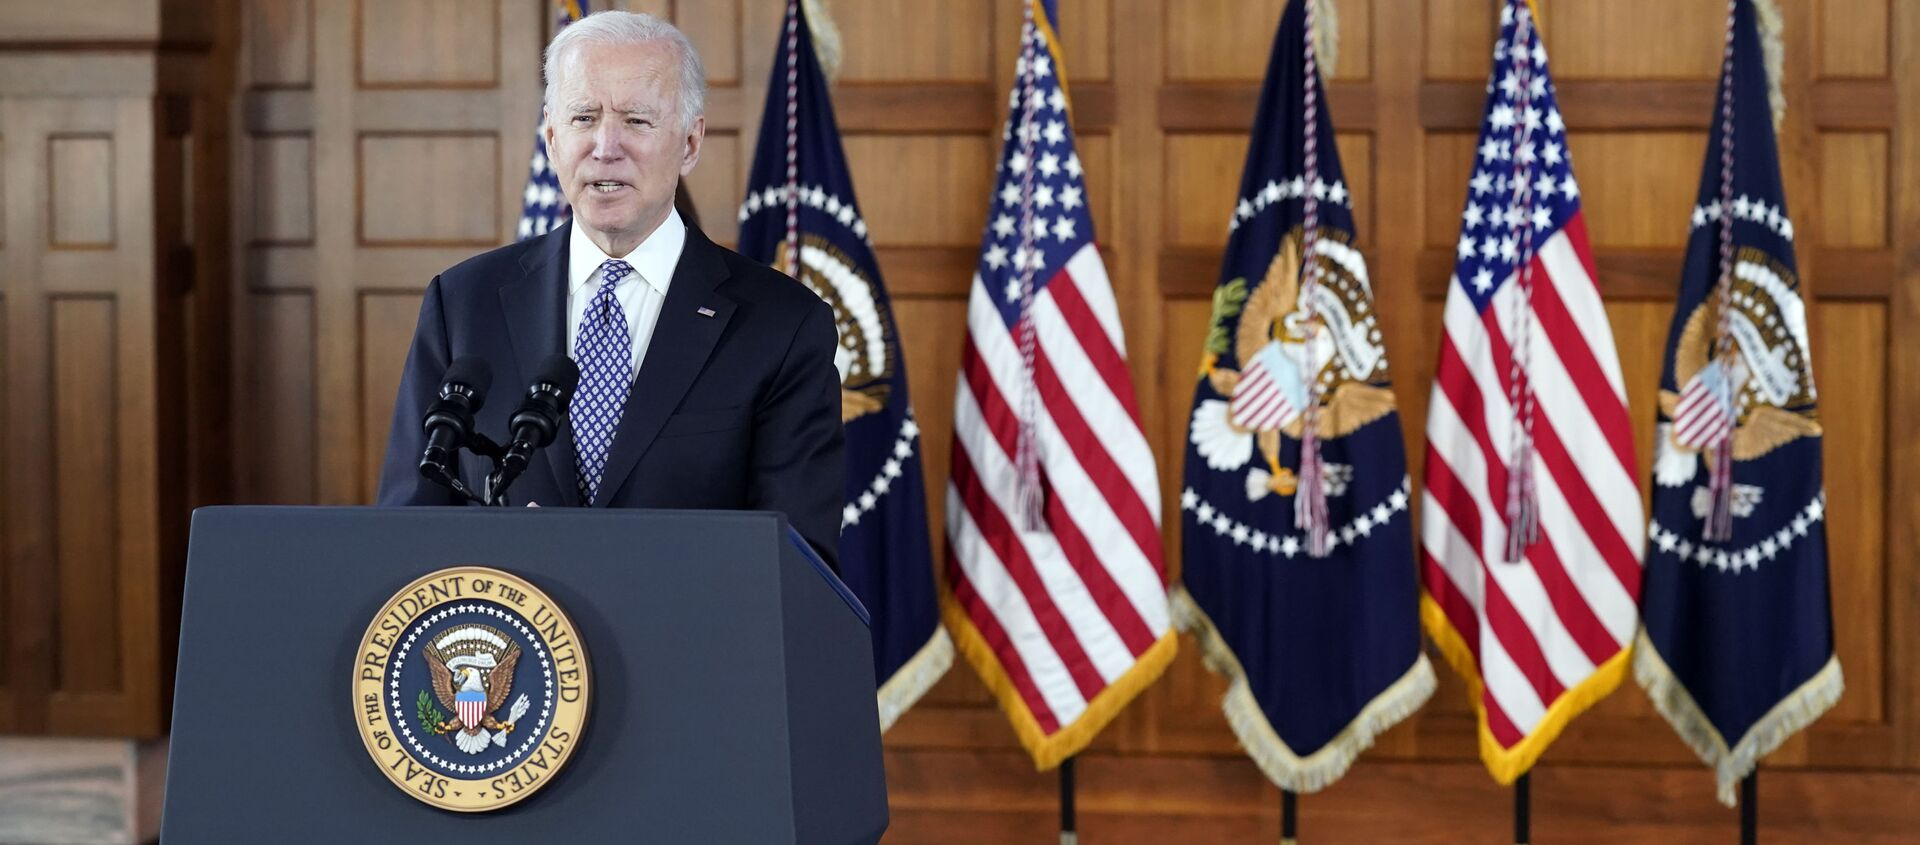 Tổng thống Mỹ Joe Biden. - Sputnik Việt Nam, 1920, 24.03.2021